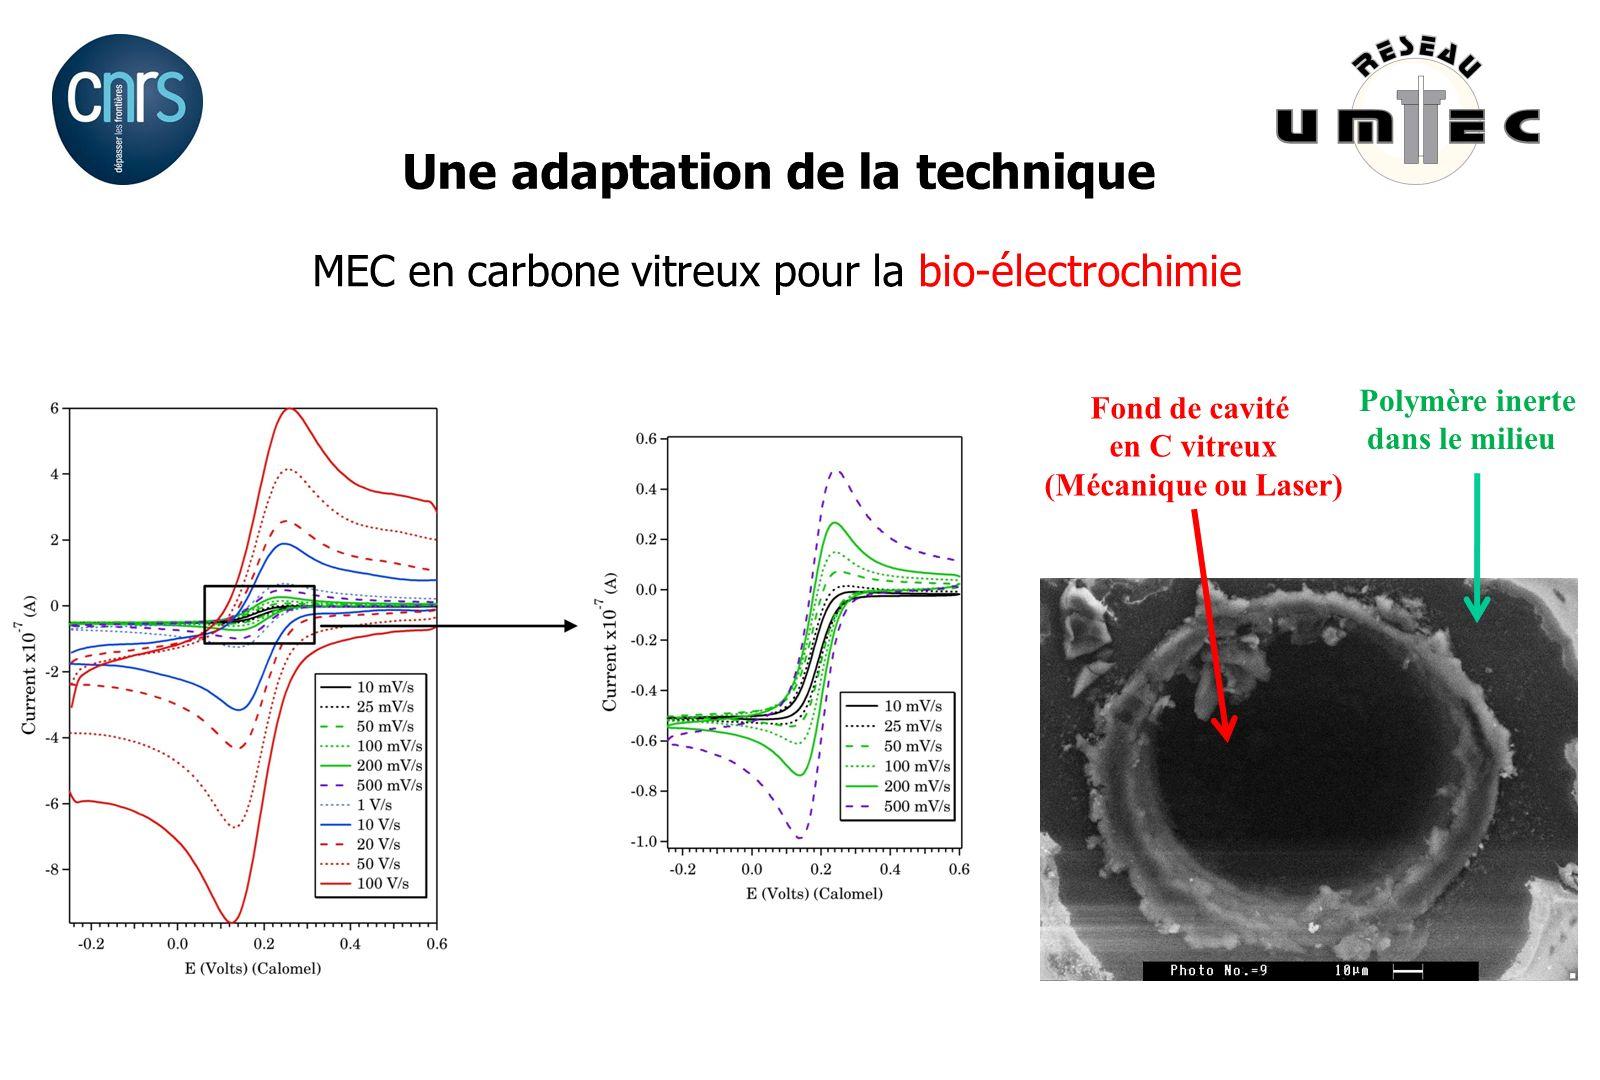 Une adaptation de la technique MEC en carbone vitreux pour la bio-électrochimie Polymère inerte dans le milieu Fond de cavité en C vitreux (Mécanique